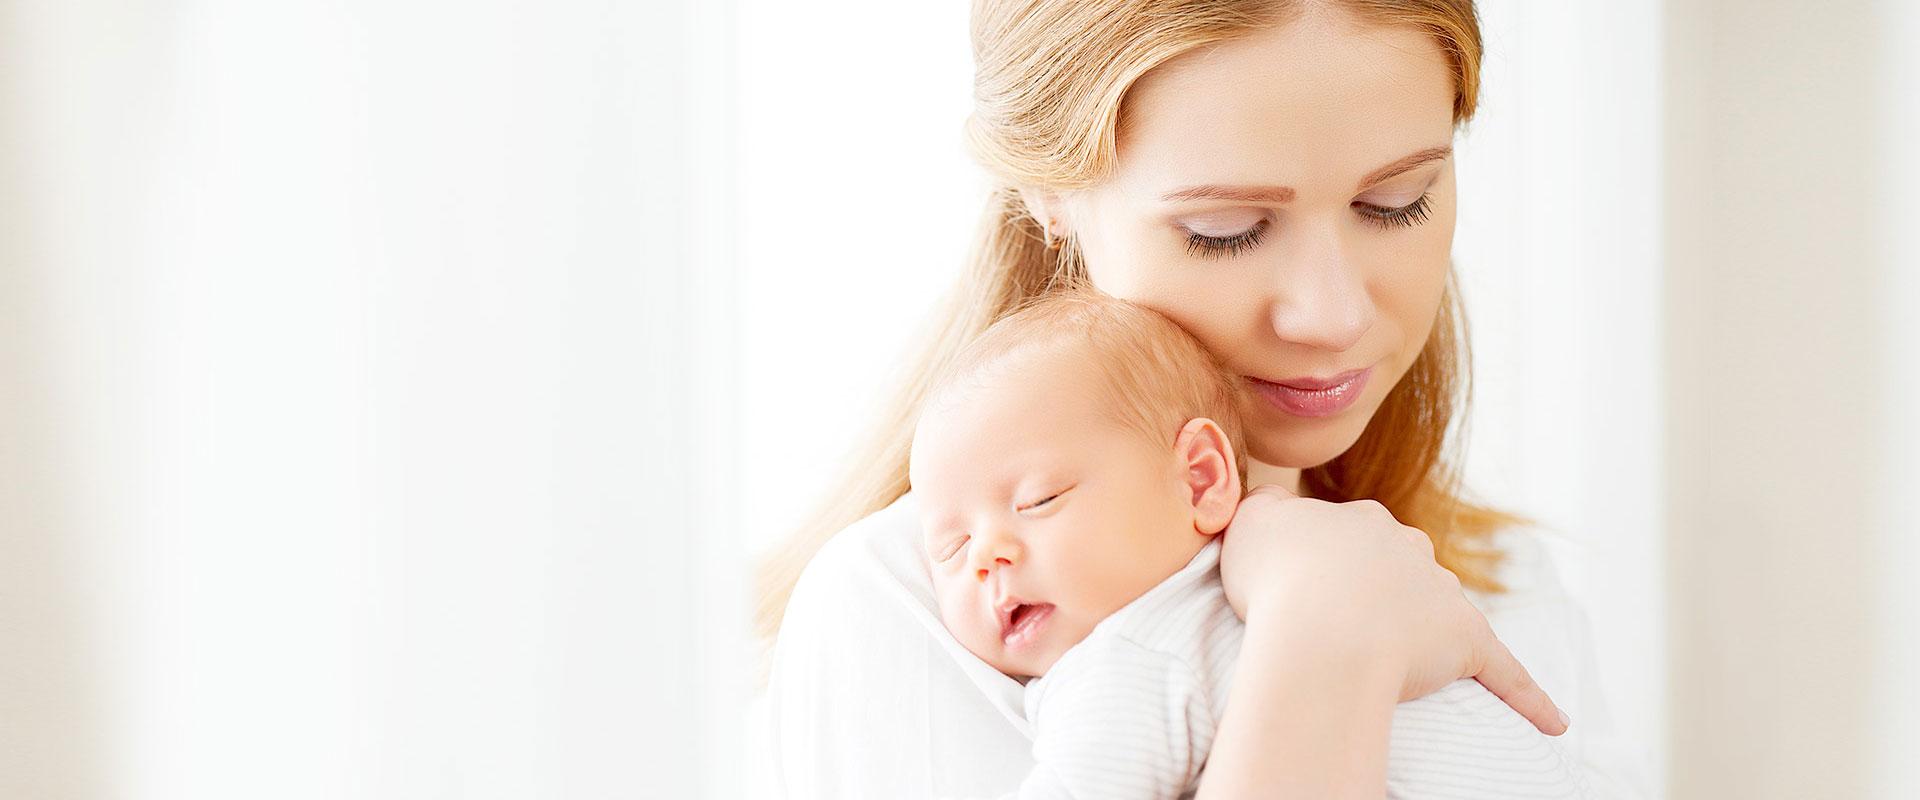 Procreazione medicalmente assistita con visita ginecologica ed ecografia